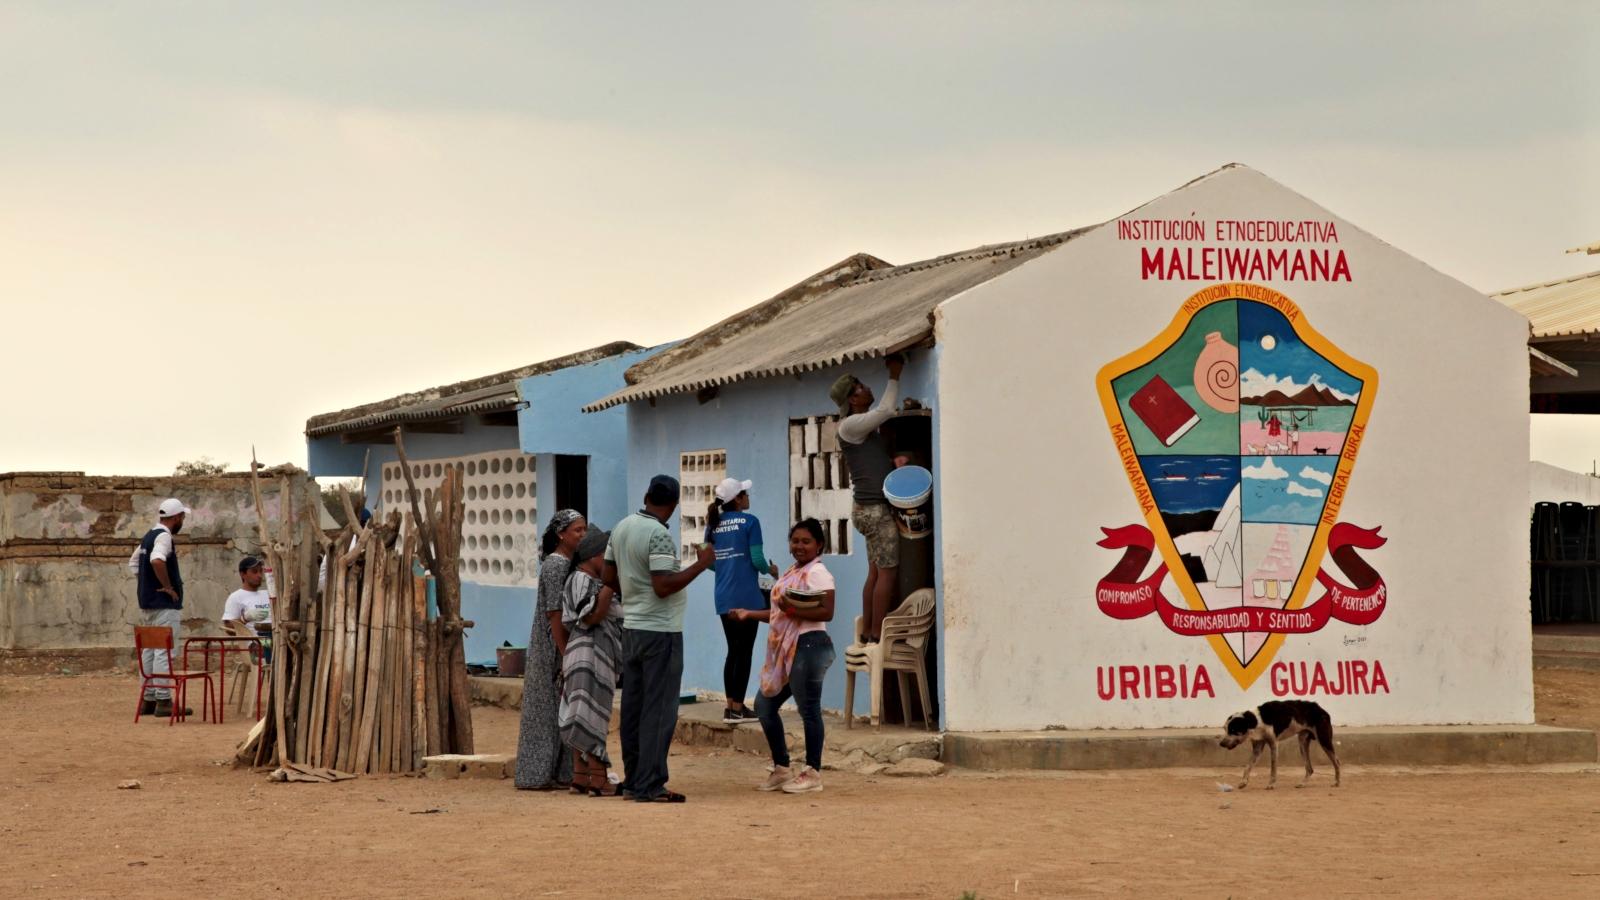 Aulas en el desierto: garantía de educación para los niños migrantes en La Guajira